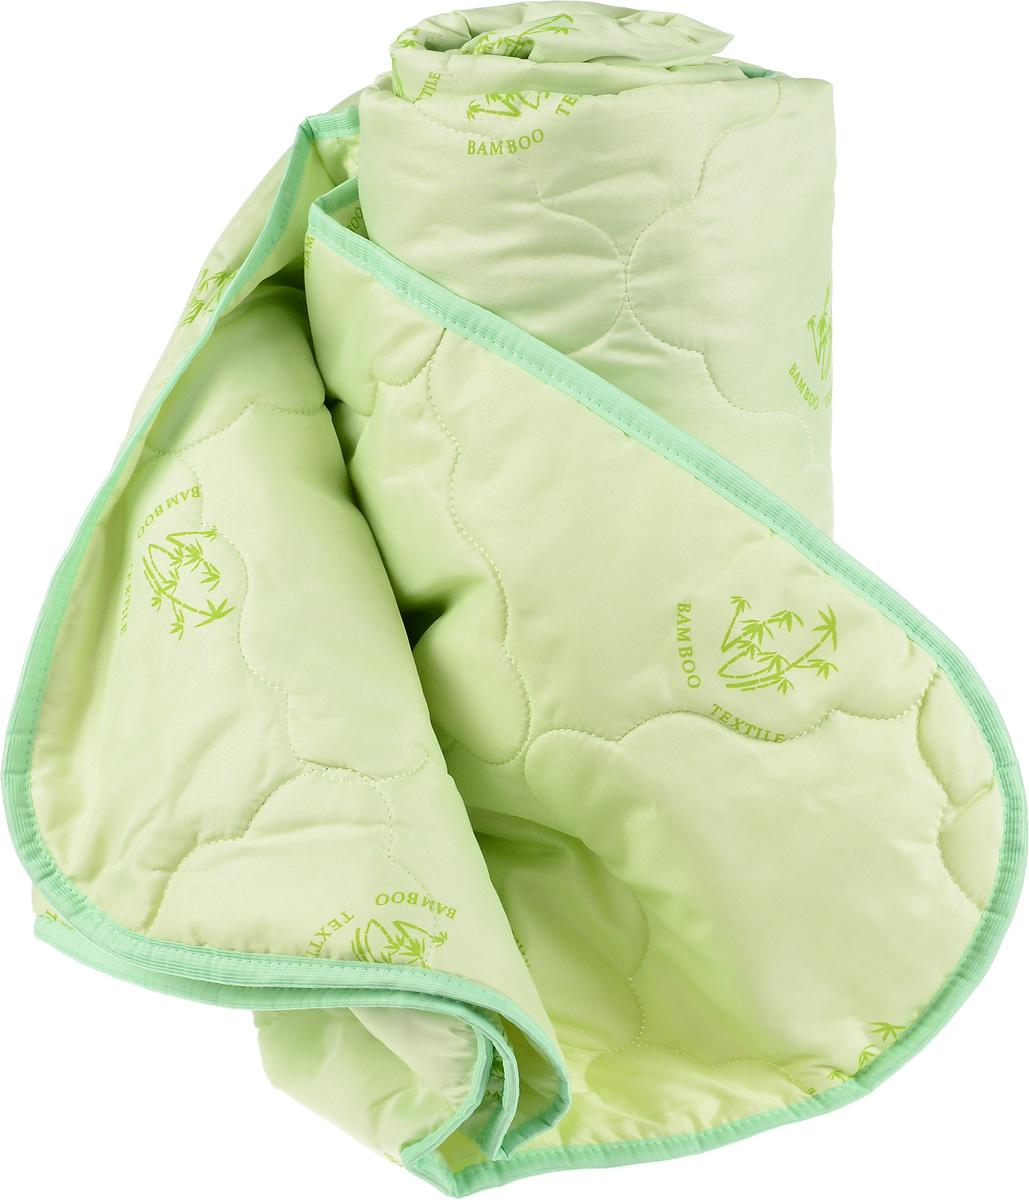 Одеяло Катюша, наполнитель: бамбуковое волокно, 145 х 205 смПБ15150Одеяло Катюша подарит комфорт и уют во время сна. Чехол, выполненный из микроволокна (100% полиэстера), оформлен фигурной стежкой и надежно удерживает наполнитель внутри. Волокно на основе бамбука - инновационный наполнитель, обладающий за счет своей пористой структуры хорошей воздухонепроницаемостью и высокой гигроскопичностью, обеспечивает оптимальный уровень влажности во время сна и создает чувство прохлады в жаркие дни. Антибактериальный эффект наполнителя достигается за счет содержания в нем специального компонента, а также за счет поглощения влаги, что создает сухой микроклимат, препятствующий росту бактерий. Основные свойства волокна: - хорошая терморегуляция, - свободная циркуляция воздуха, - мягкость и легкость. Рекомендации по уходу: - Стирка запрещена. - Не отбеливать, не использовать хлоросодержащие моющие средства и стиральные порошки с отбеливателями. - Не отжимать в стиральной машине.